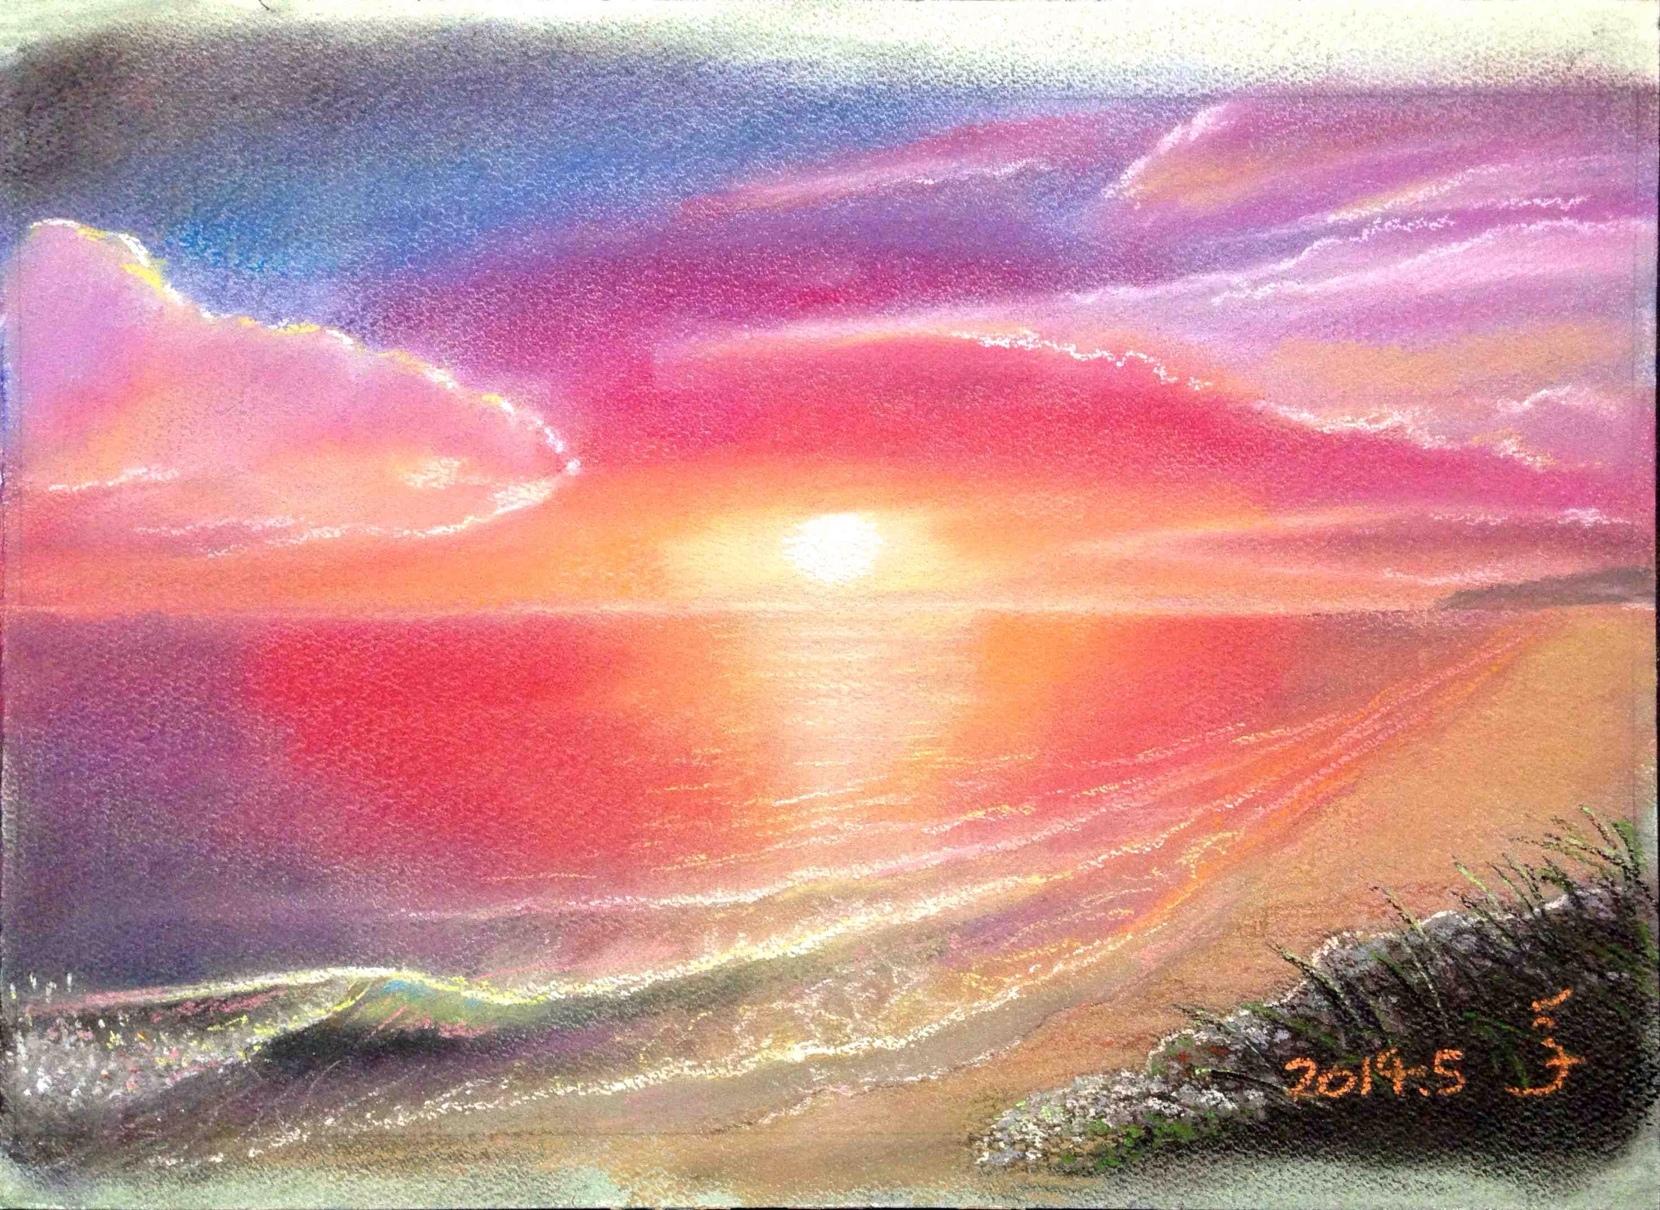 夕陽と海 012」パステル画の描き...